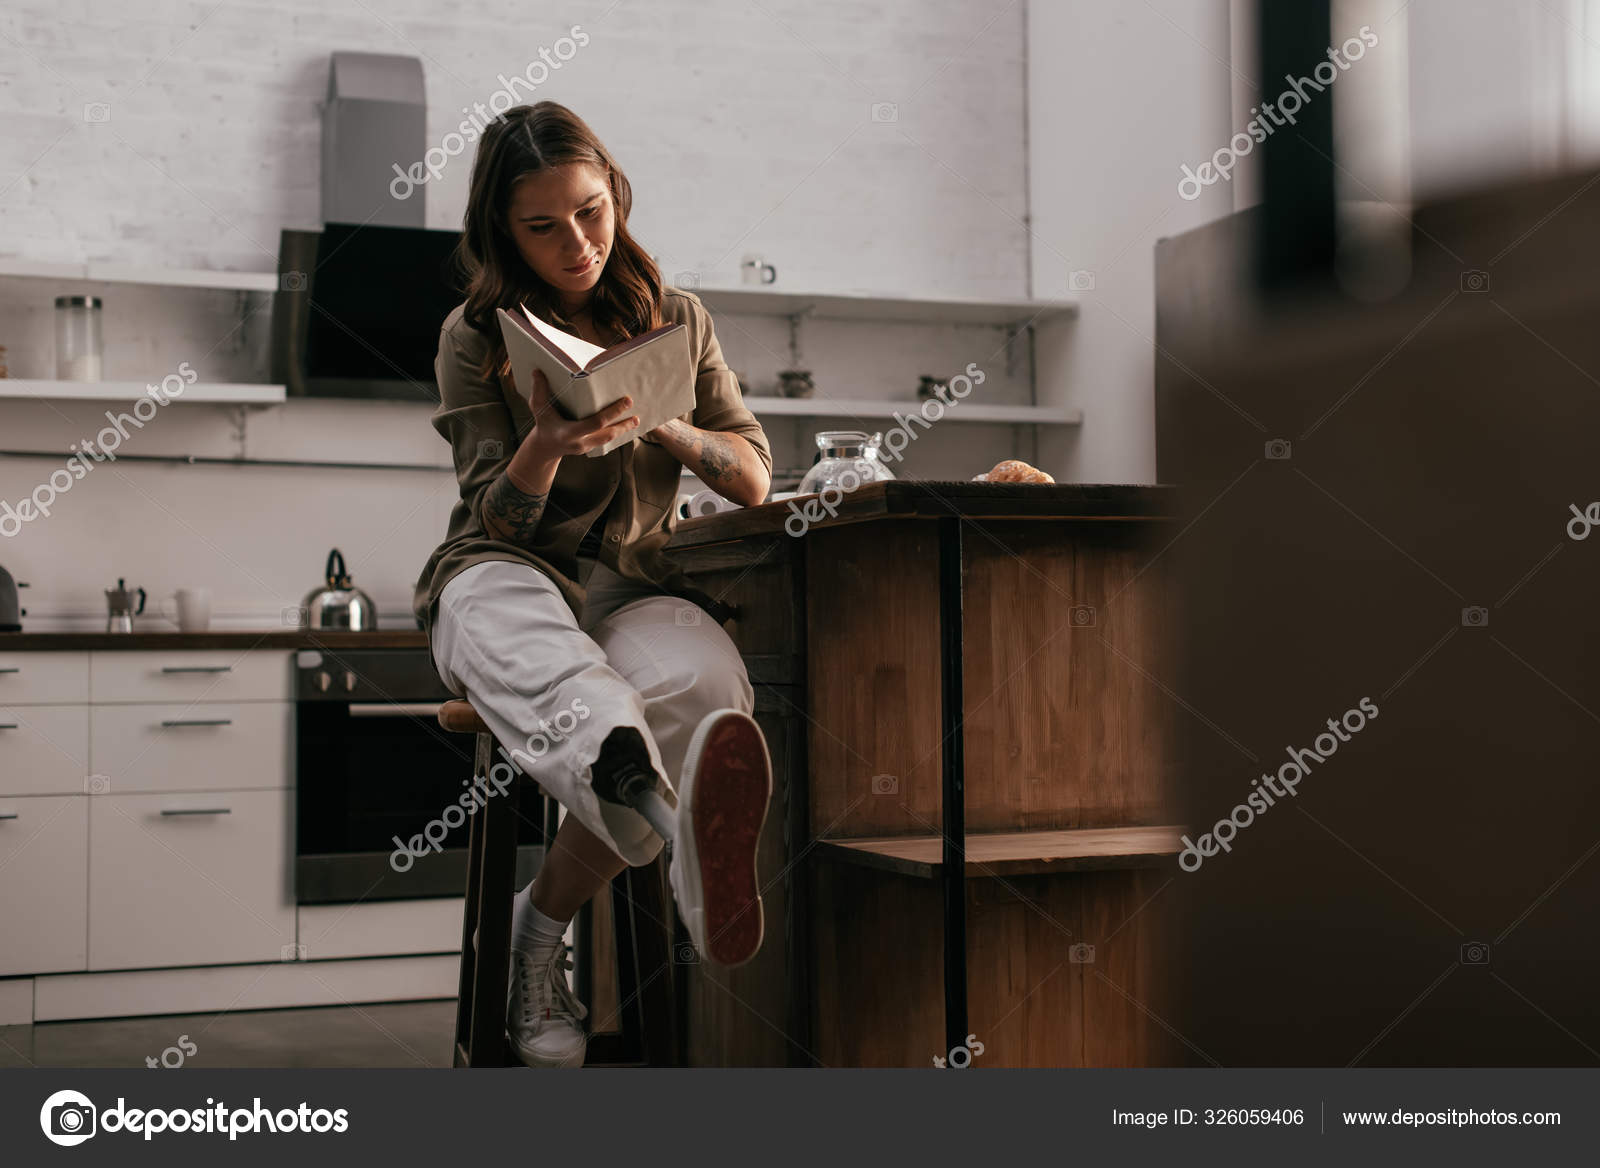 Protez Bacaklı Bir Kızın Seçici Odak Noktası Mutfak